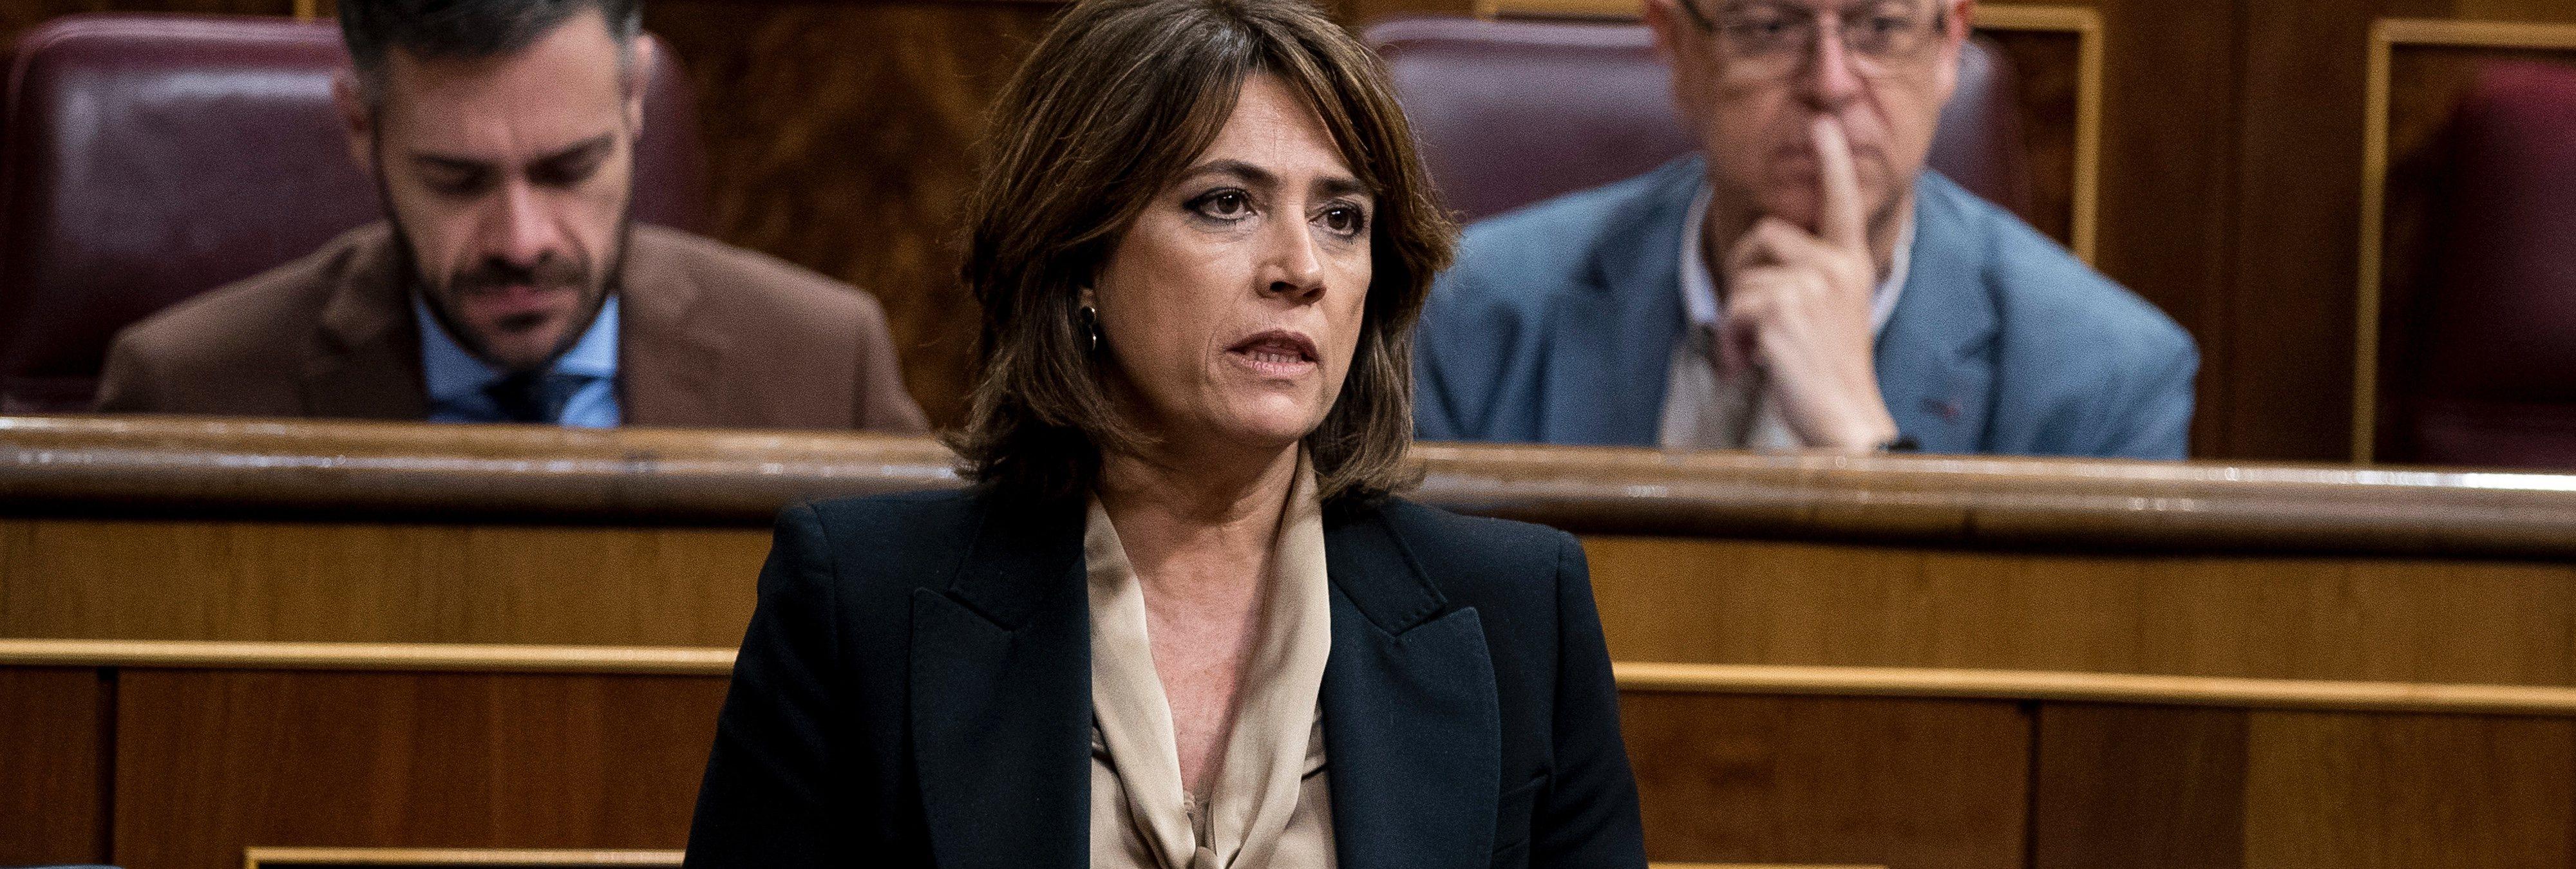 """La Fiscalía estudia querellarse contra el líder de VOX Murcia por llamar """"puta"""" a Dolores Delgado"""